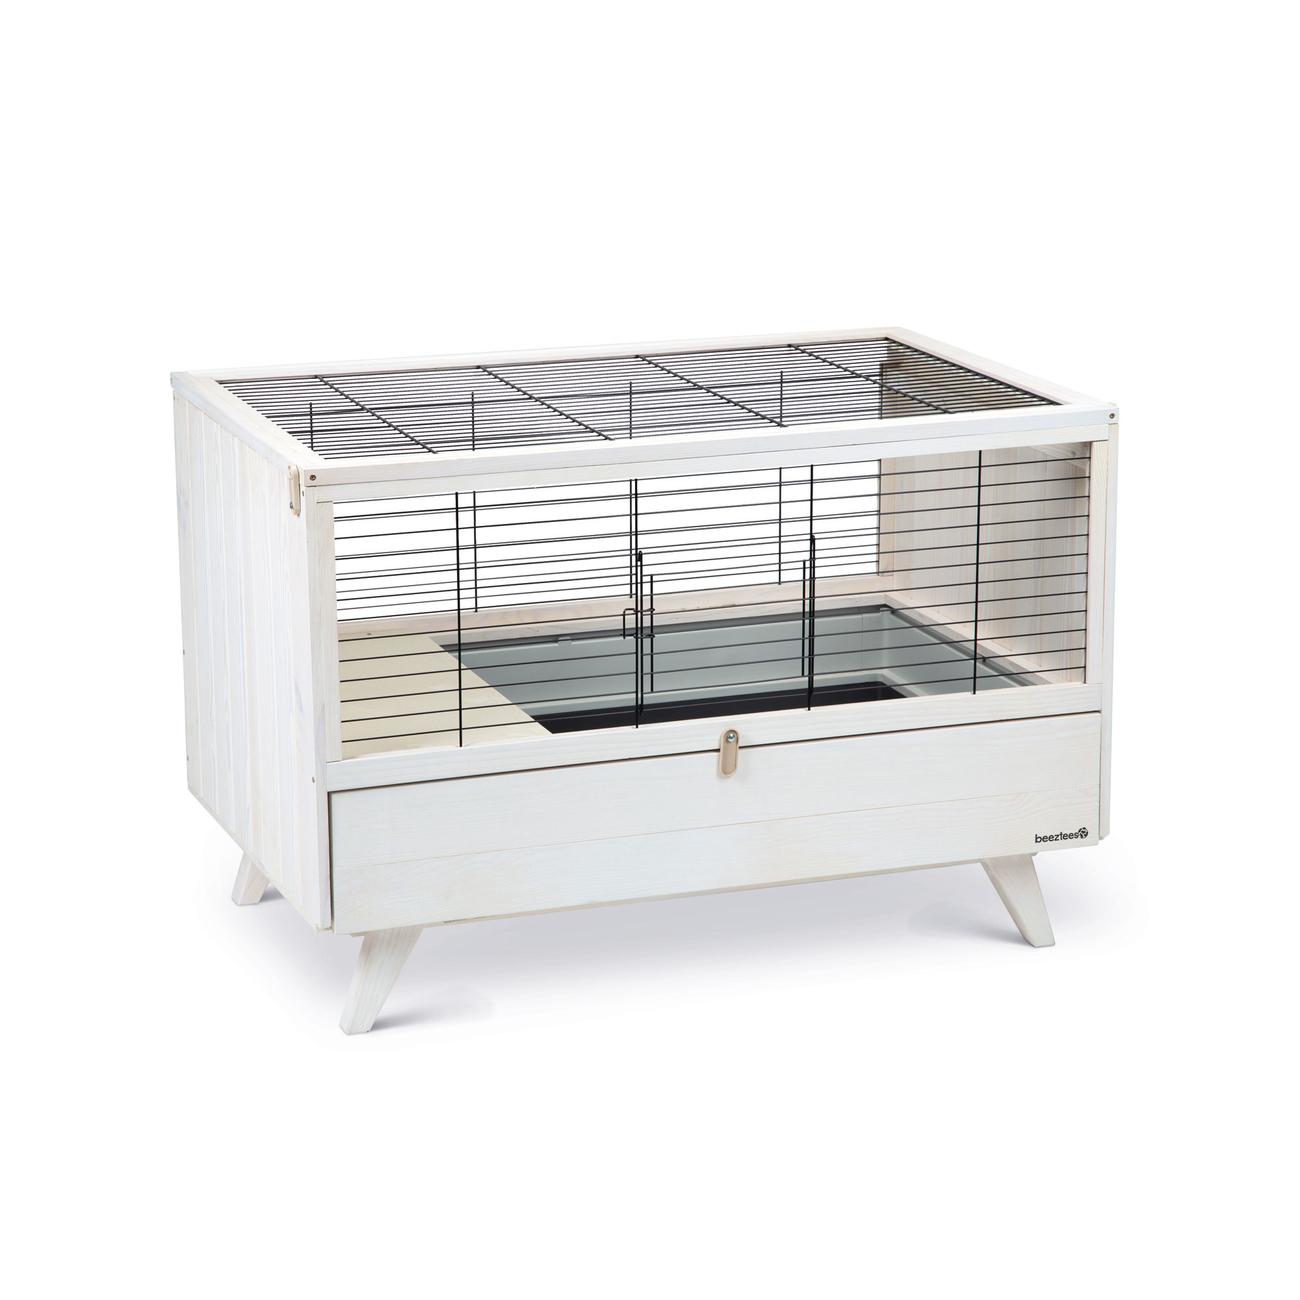 Beeztees Kaninchenkäfig für Drinnen, Bild 3